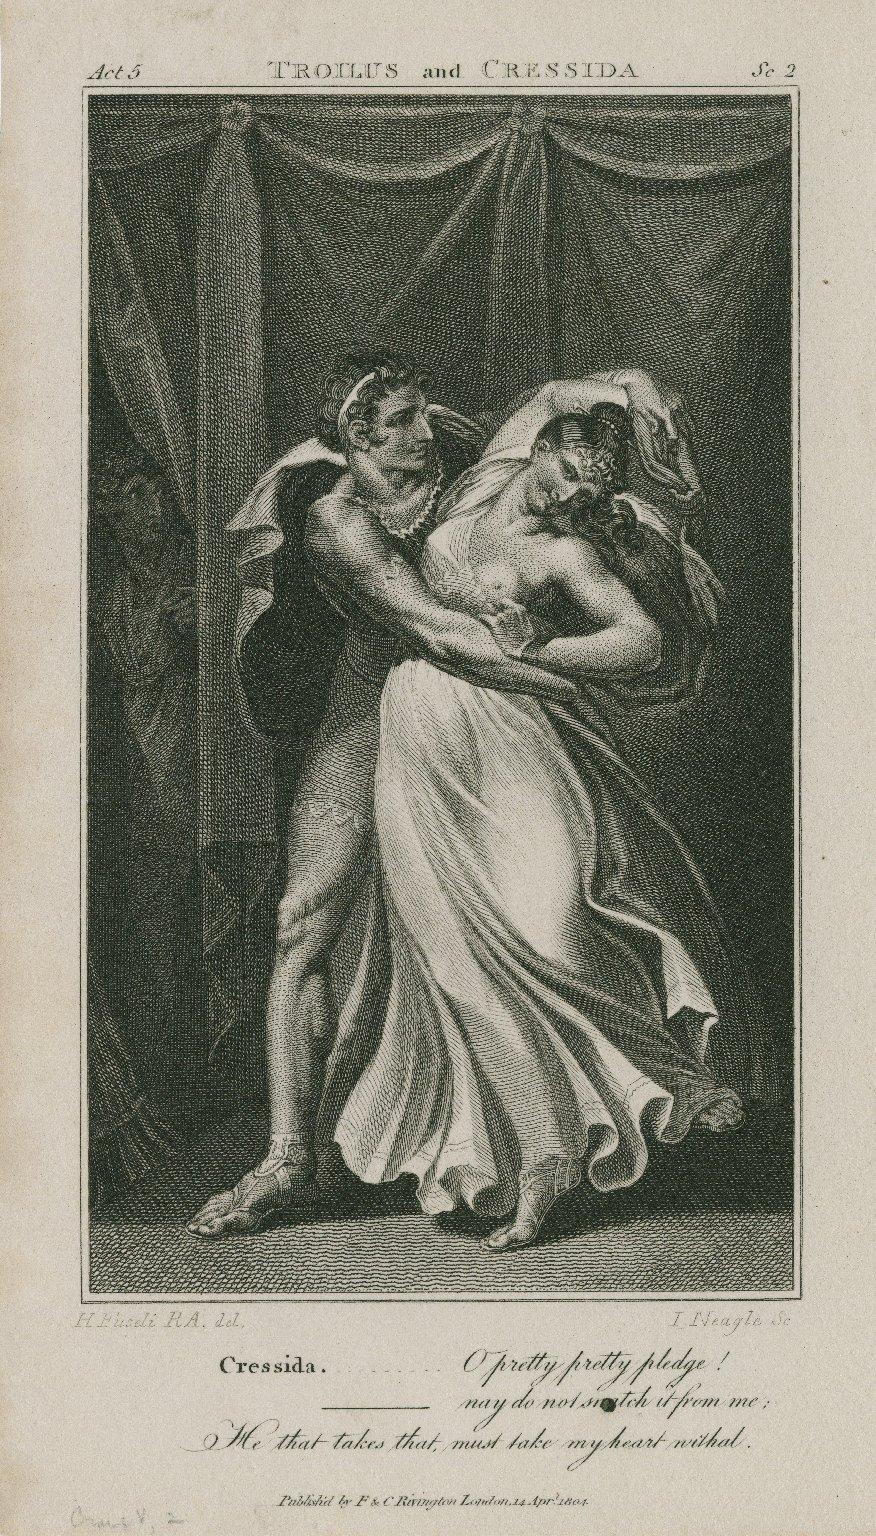 Troilus and Cressida, act 5, sc. 2, Cressida: O pretty pretty pledge! -- nay do not snatch it from me ... [graphic] / H. Fuseli R.A., del. ; I Neagle, sc.